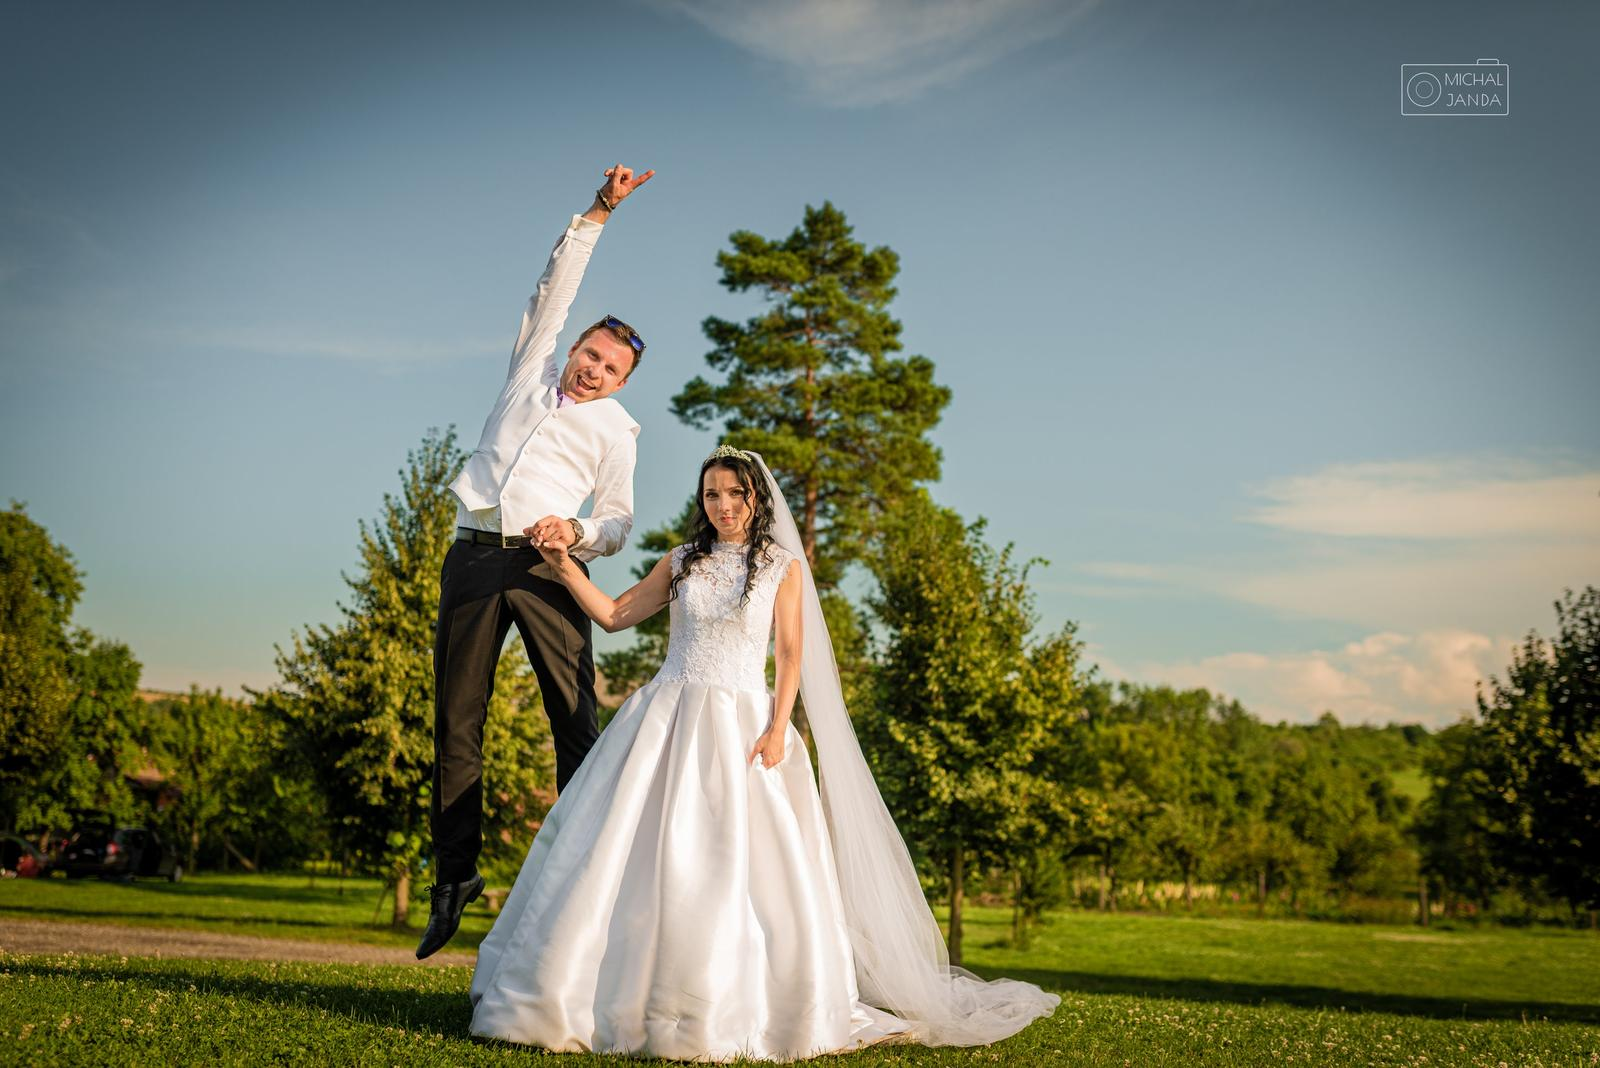 Svatební focení - Obrázek č. 1